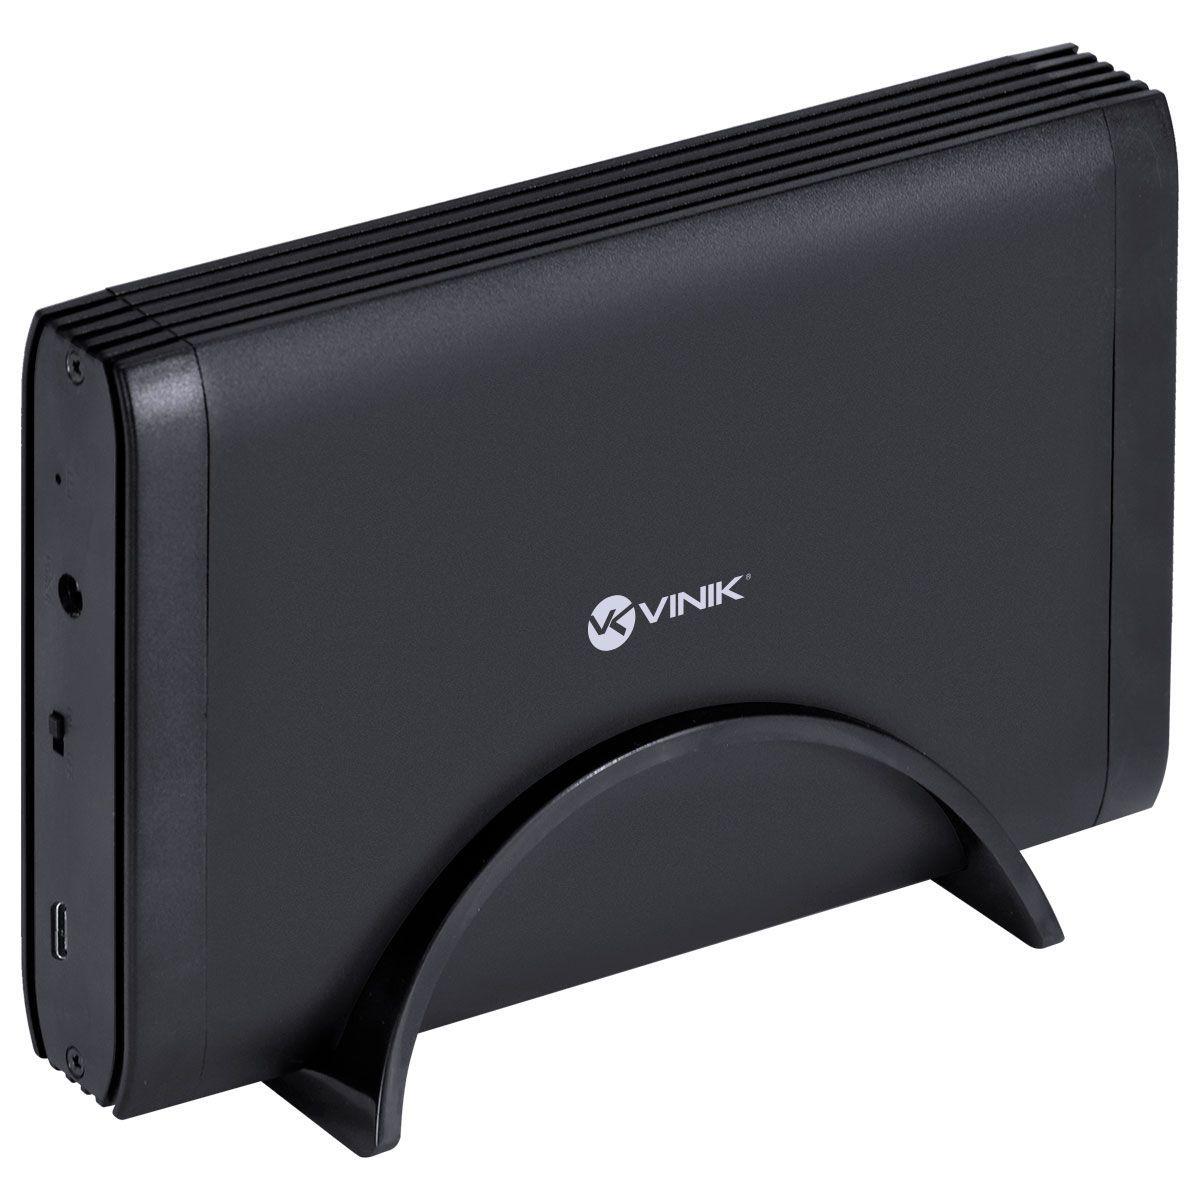 CASE EXTERNO PARA HD 3.5